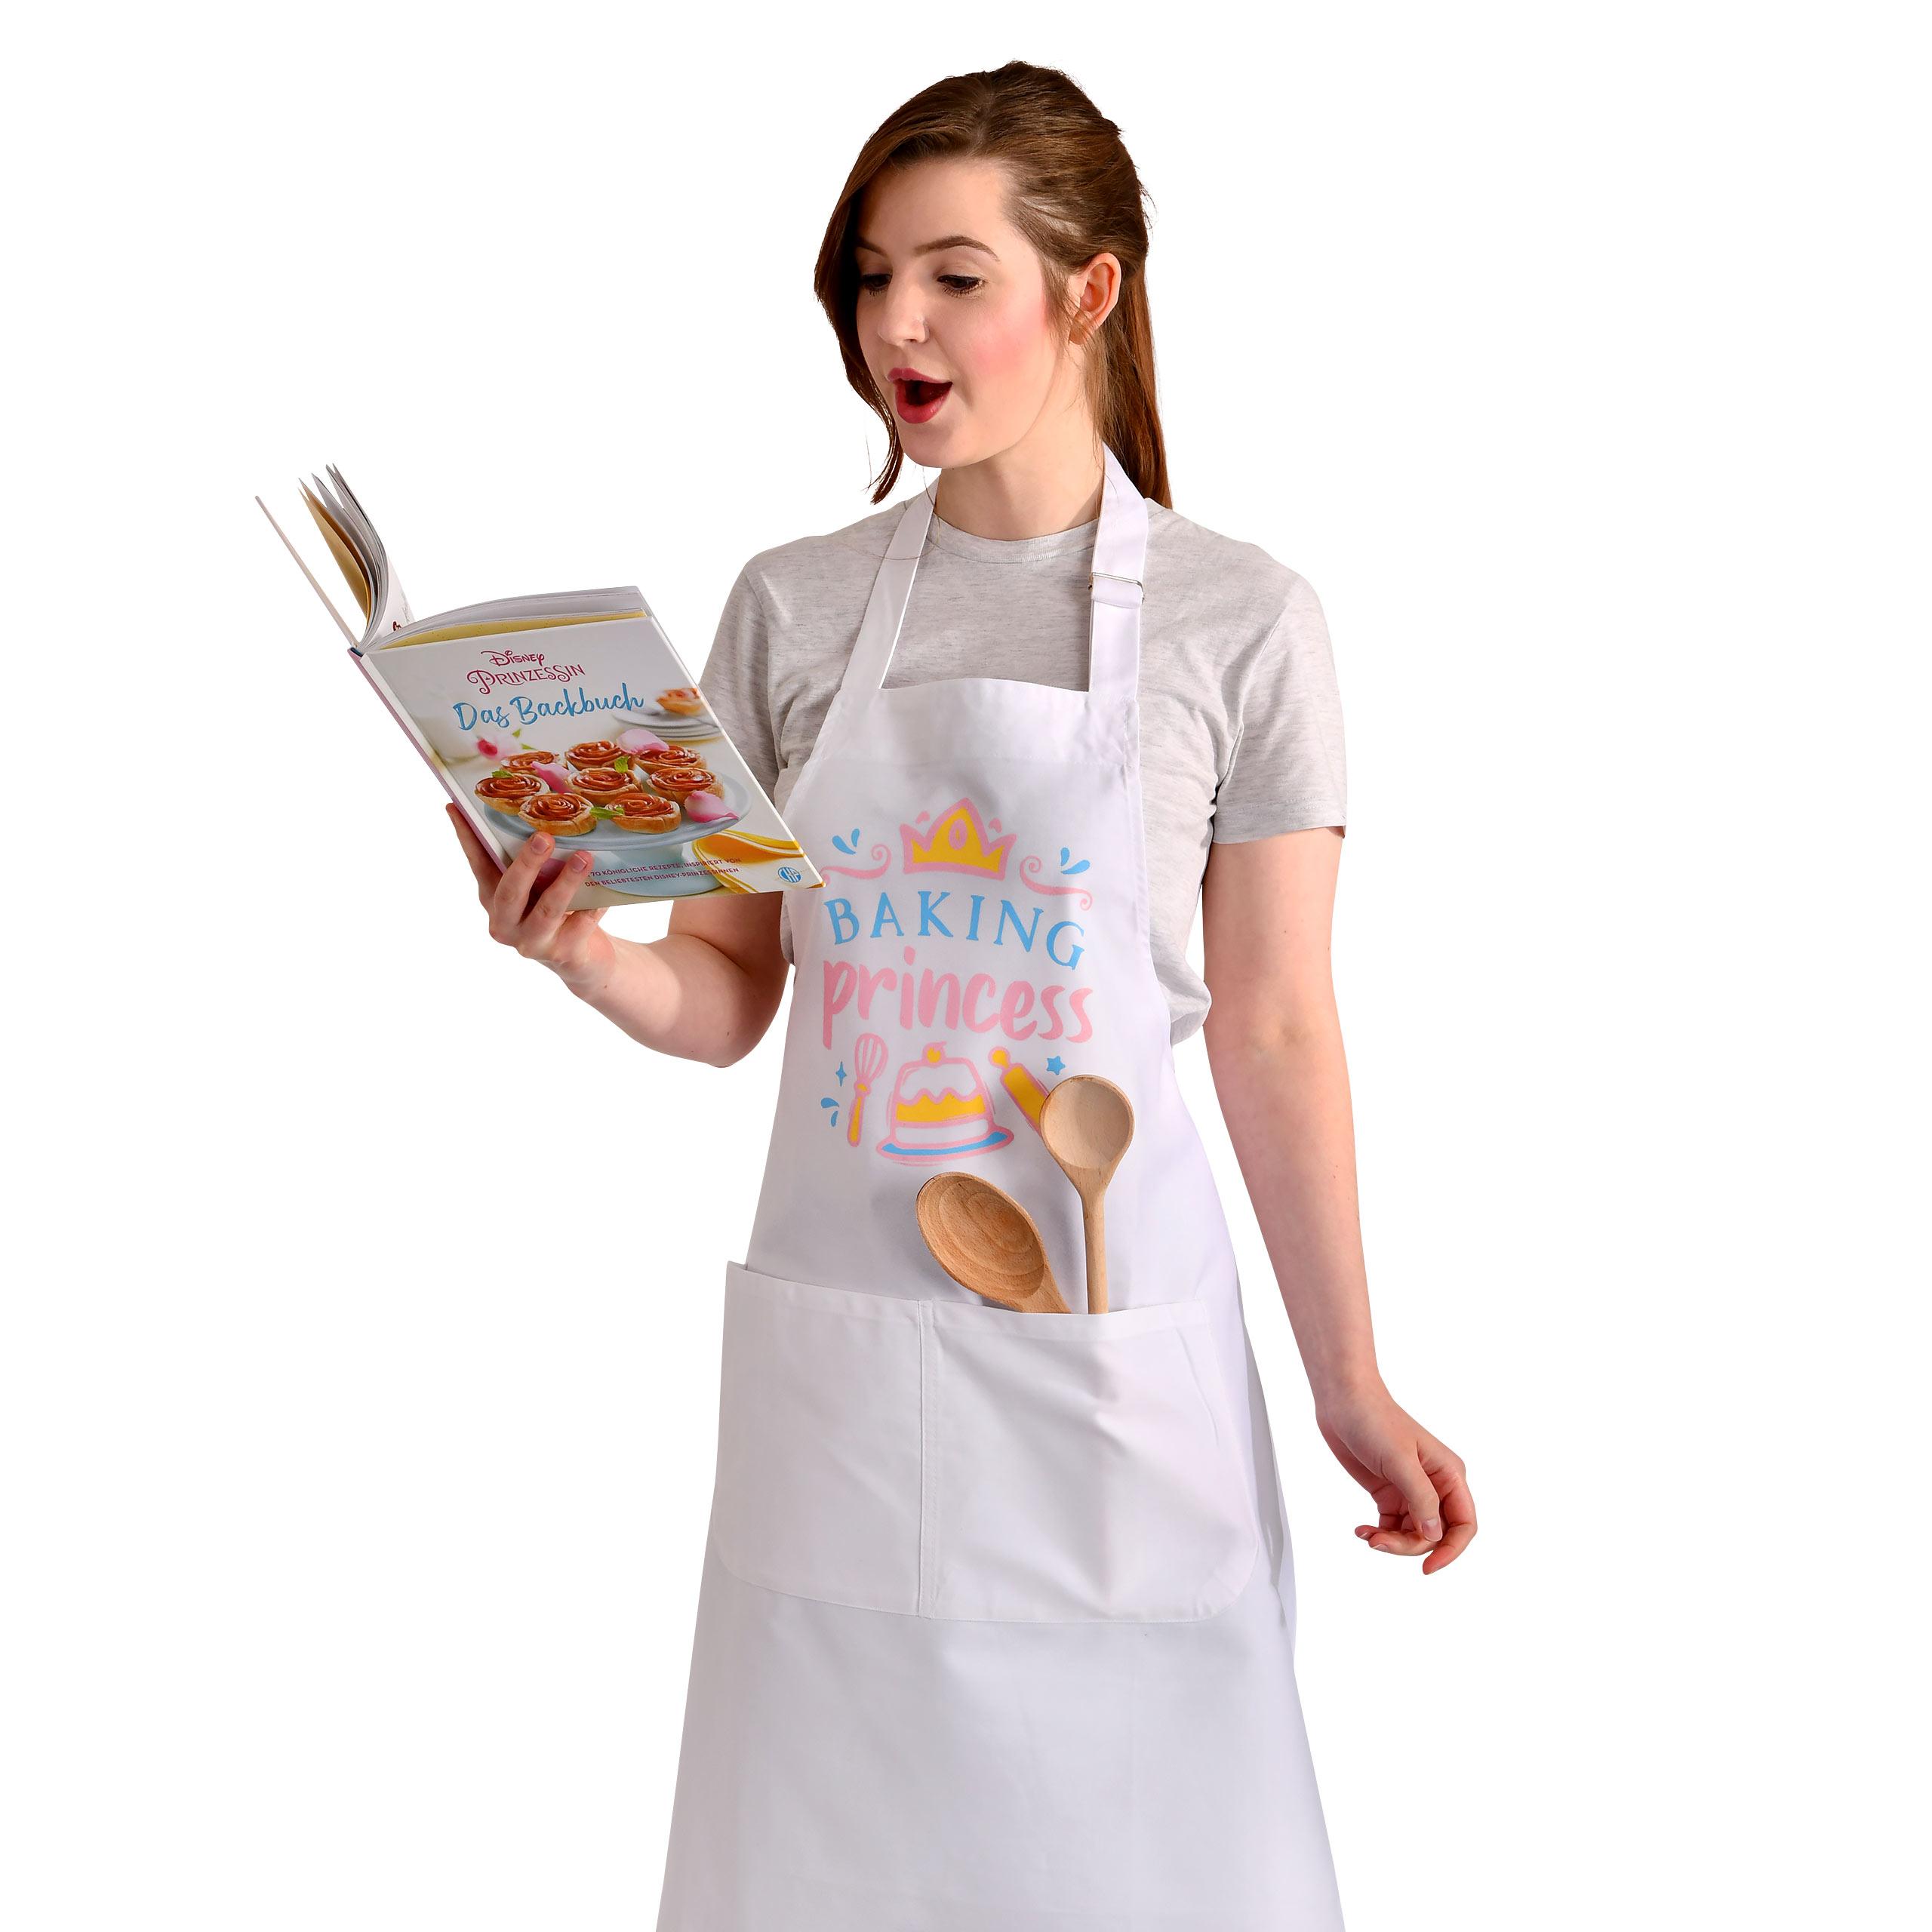 Baking Princess Schürze für Disney Fans weiß